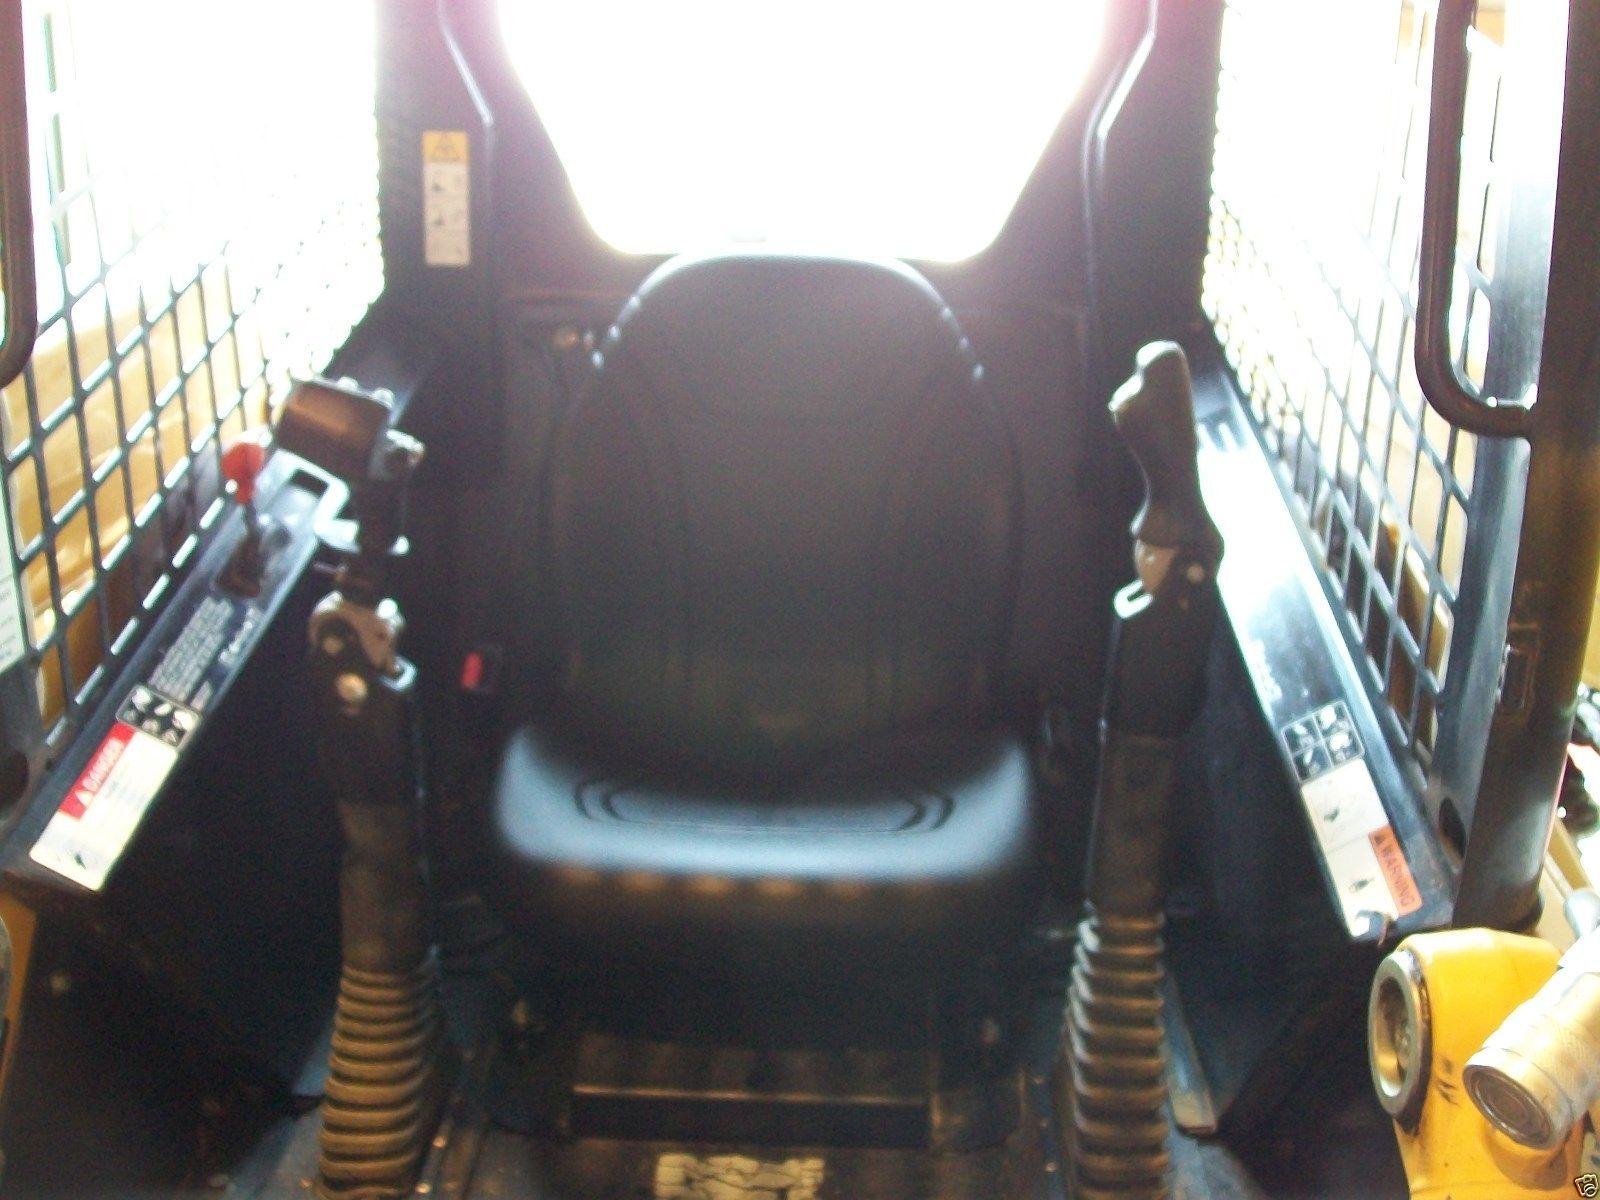 John Deere Skid Loader Wiring Schematics on hitachi log loader, first skid steer loader, bobcat 873 skid loader, john deere 320 tractor, john deere 332d skid steer, john deere 540 loader boom, case 450 skid loader, caterpillar 252b skid loader, john deere heavy equipment, john deere 322 skid steer, john deere 250 specifications, new holland l185 skid loader, john deere 844 loader, john deere 325 front end loader, john deere 325 track loader, john deere cab enclosure, john deere 318e, john deere 333 skid steer, john deere 250 skid steer, john deere 240 skid steer 2004,